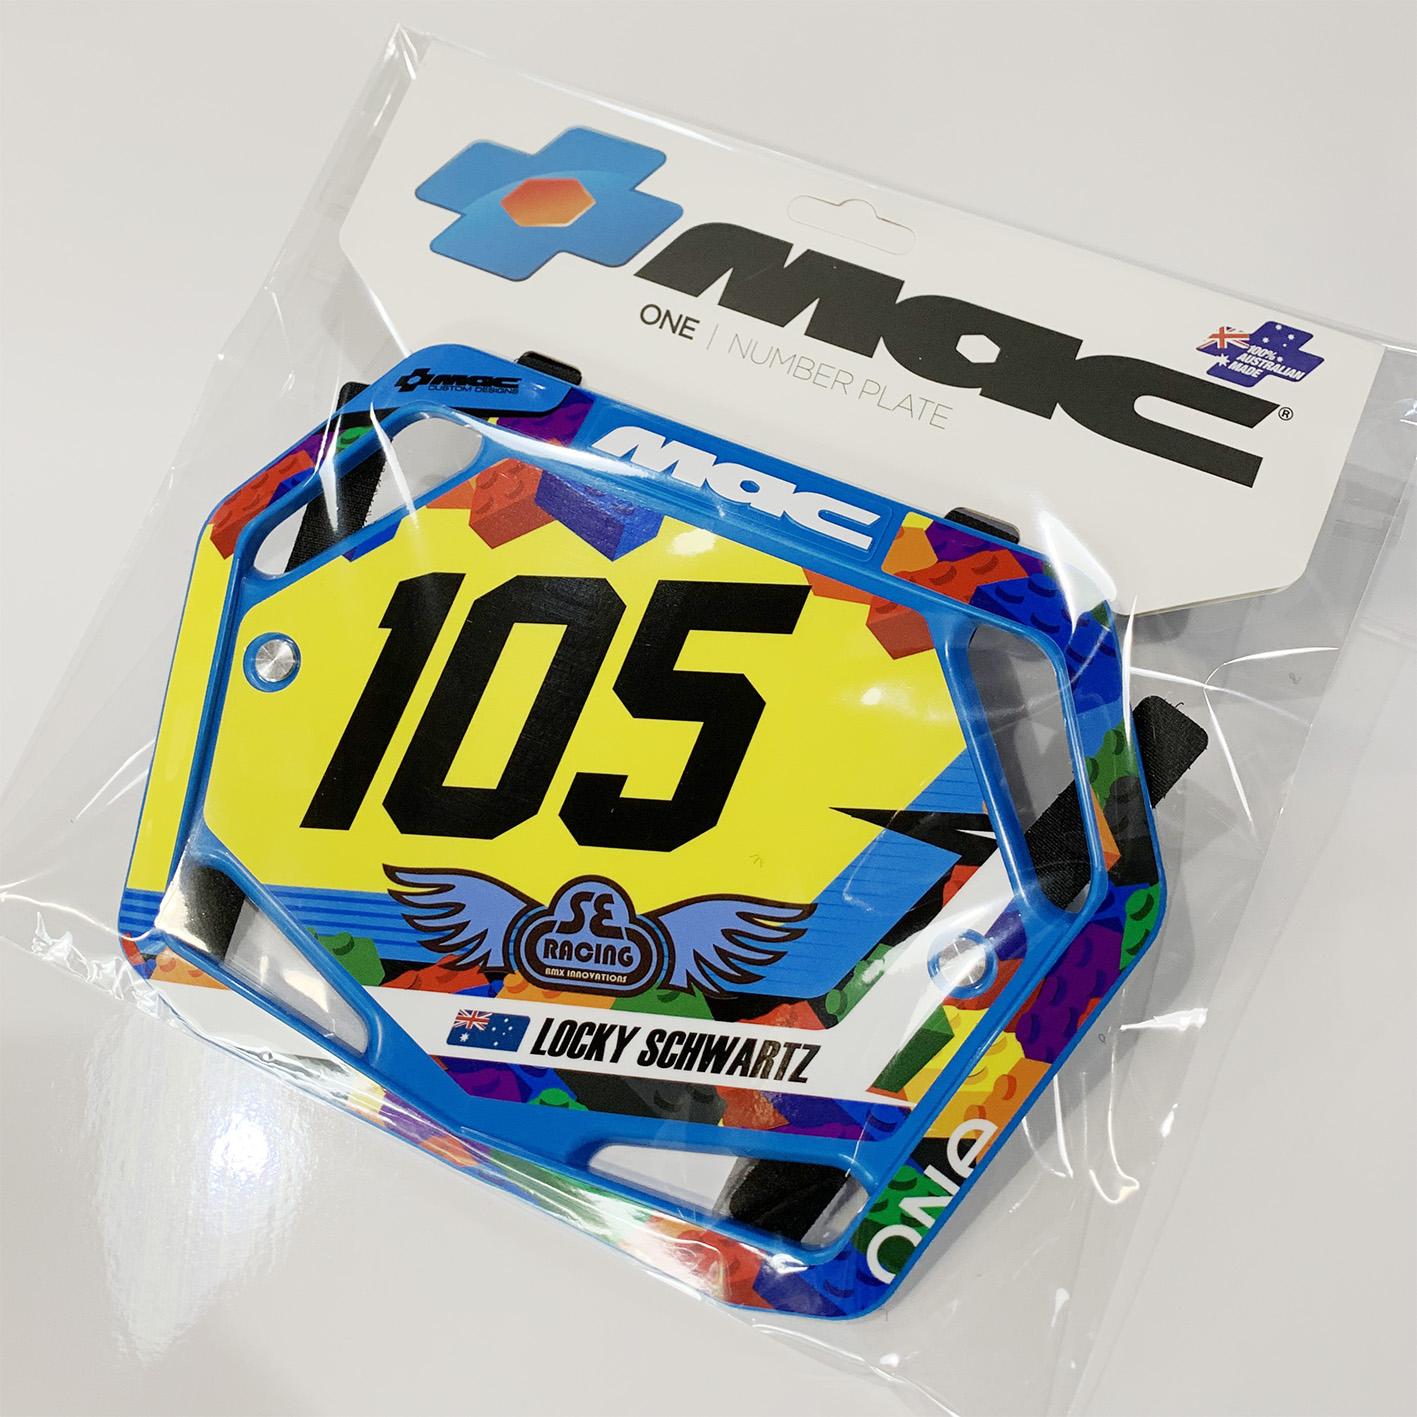 macplate105